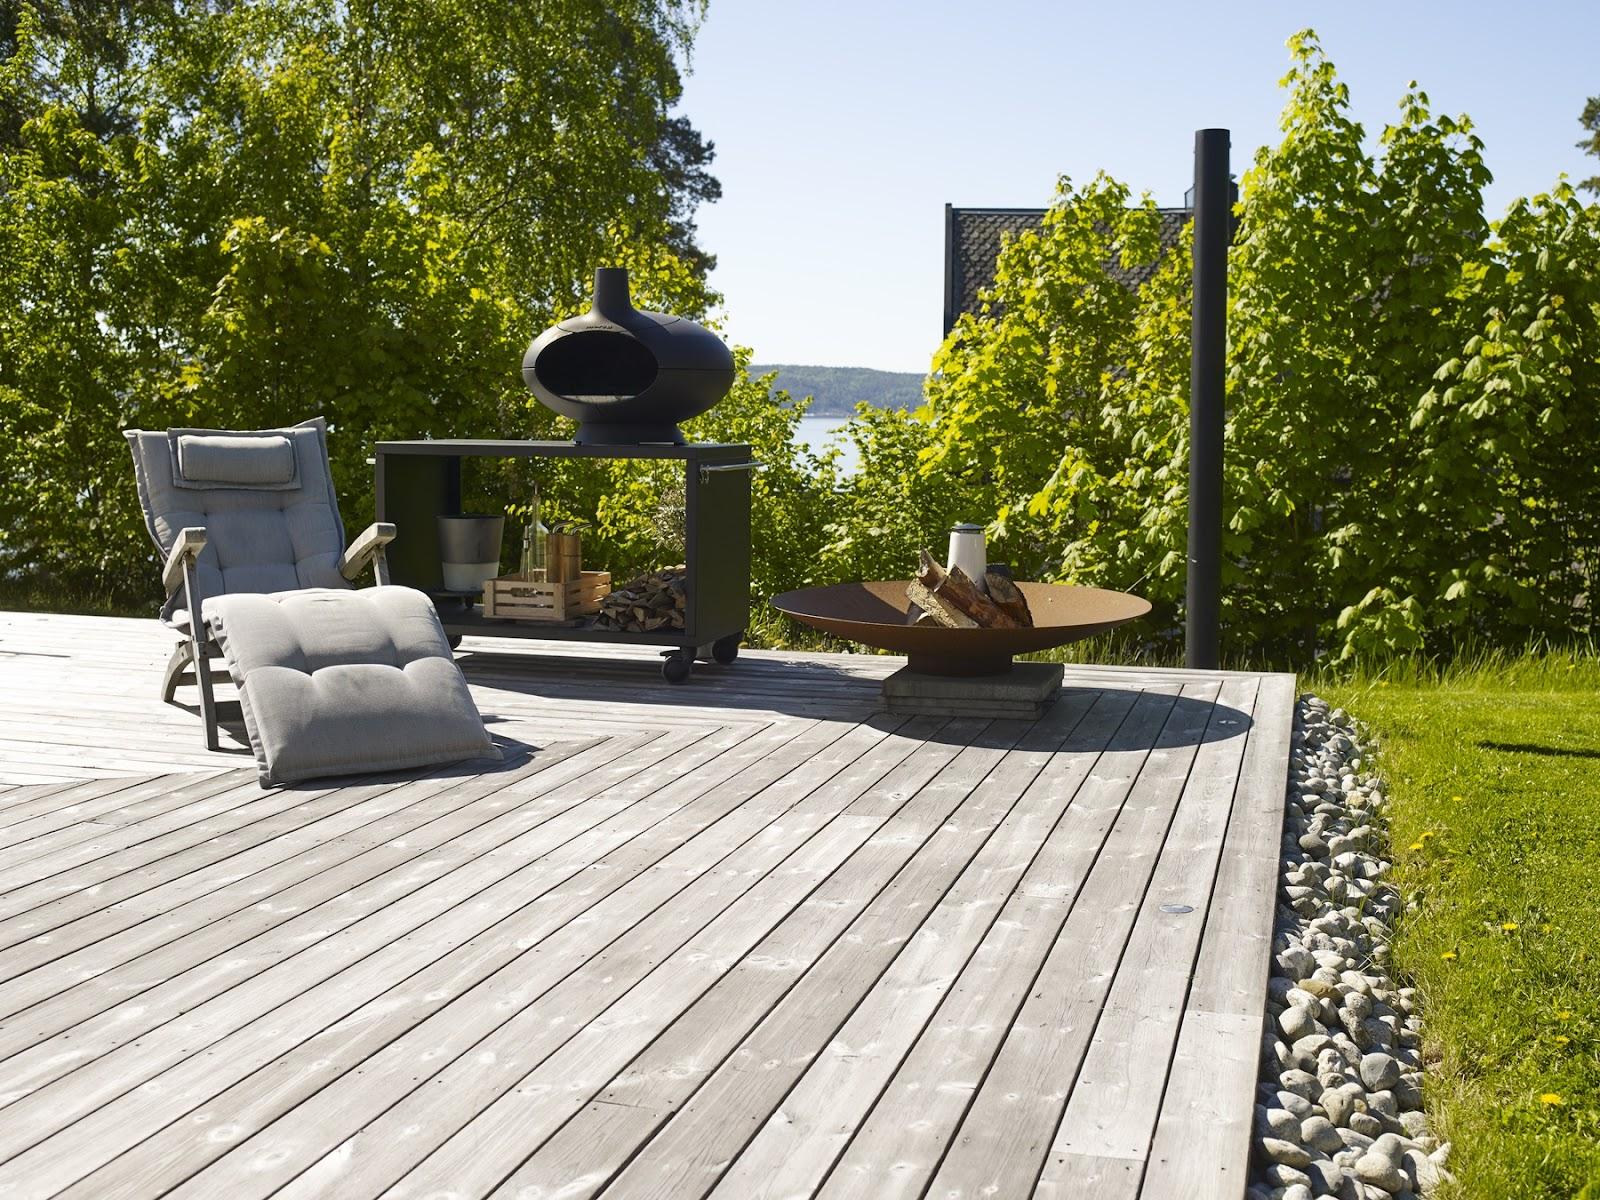 bygge terrasse selv